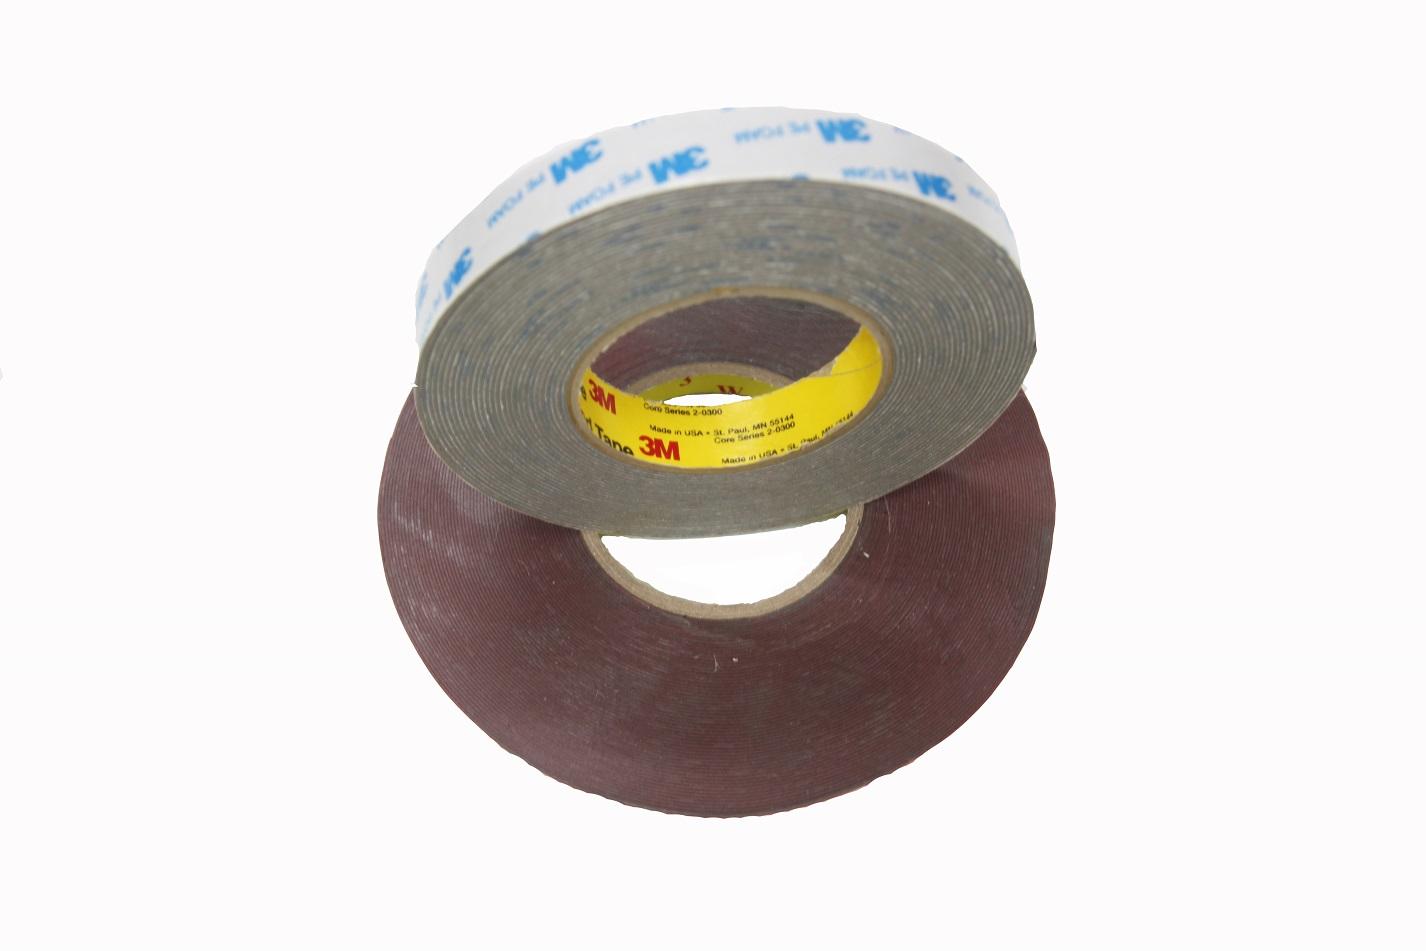 Double Sided PE Foam Tape (3M)